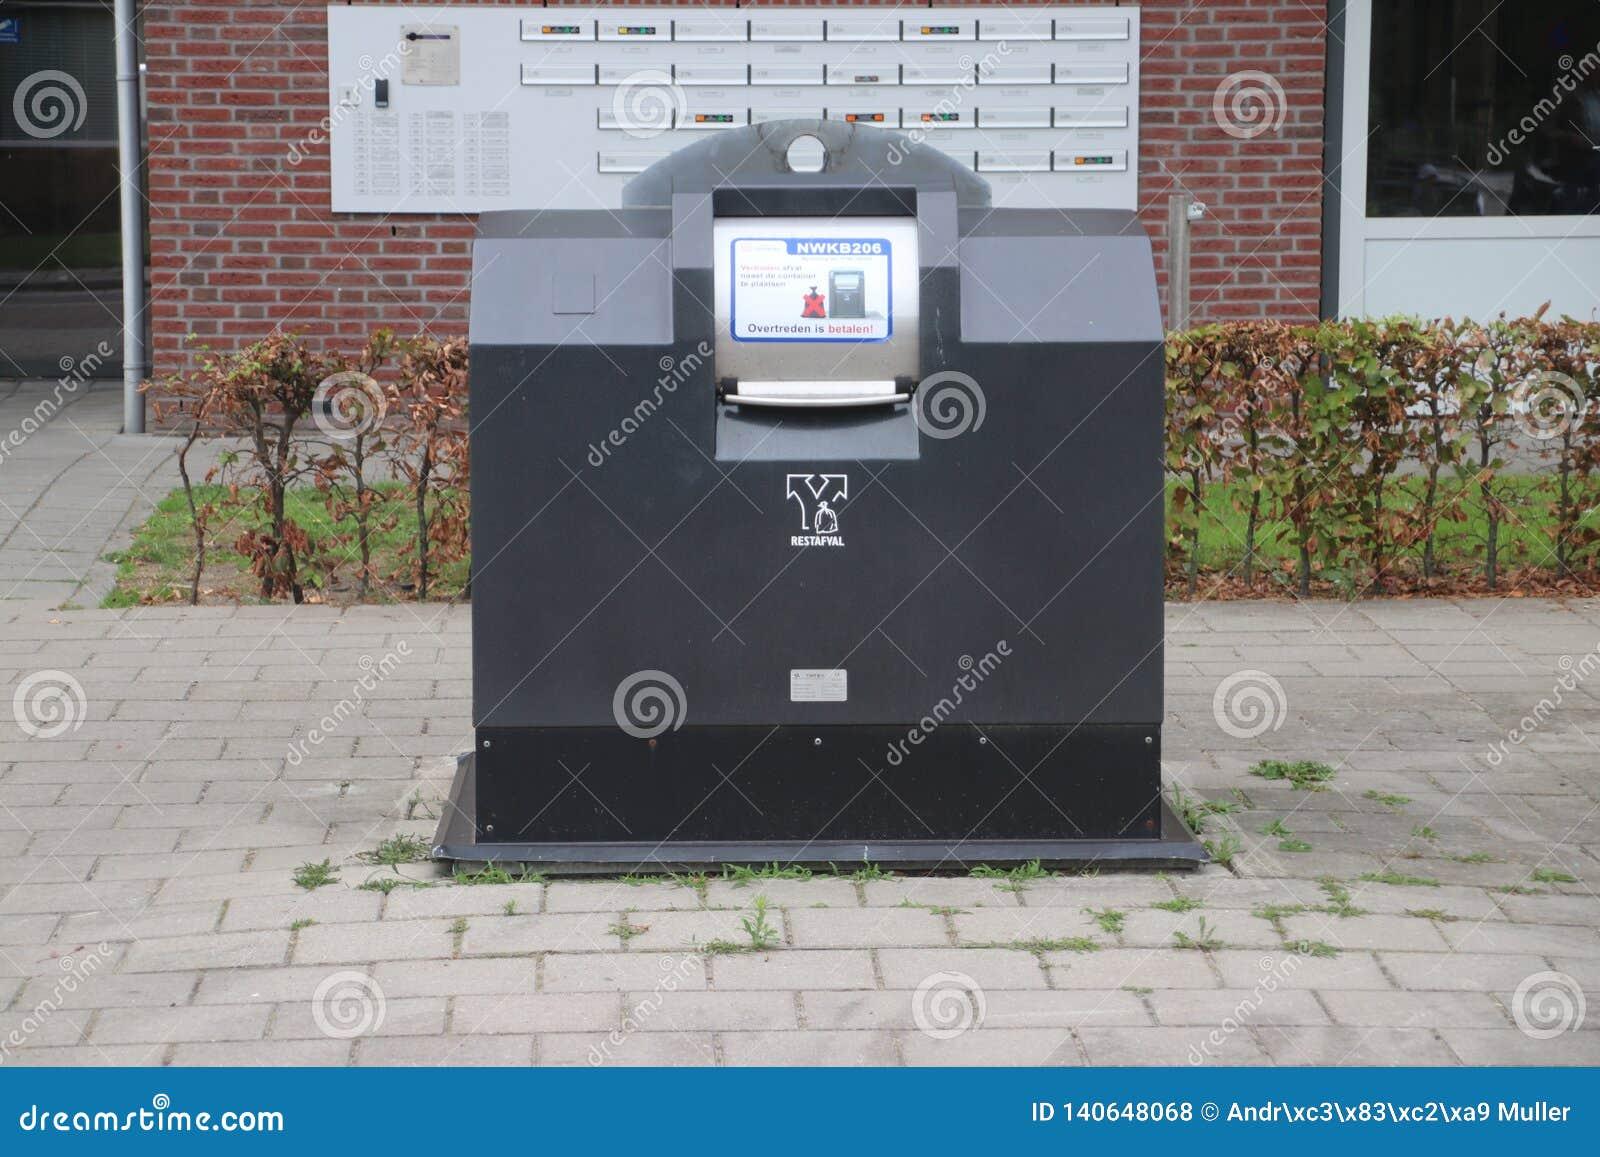 Halb Untertageabfallbehälter mit frankiertes Kartenleser, in dem Abfall für 1 Euro pro Tasche in Zuidplas herein eingesetzt werde